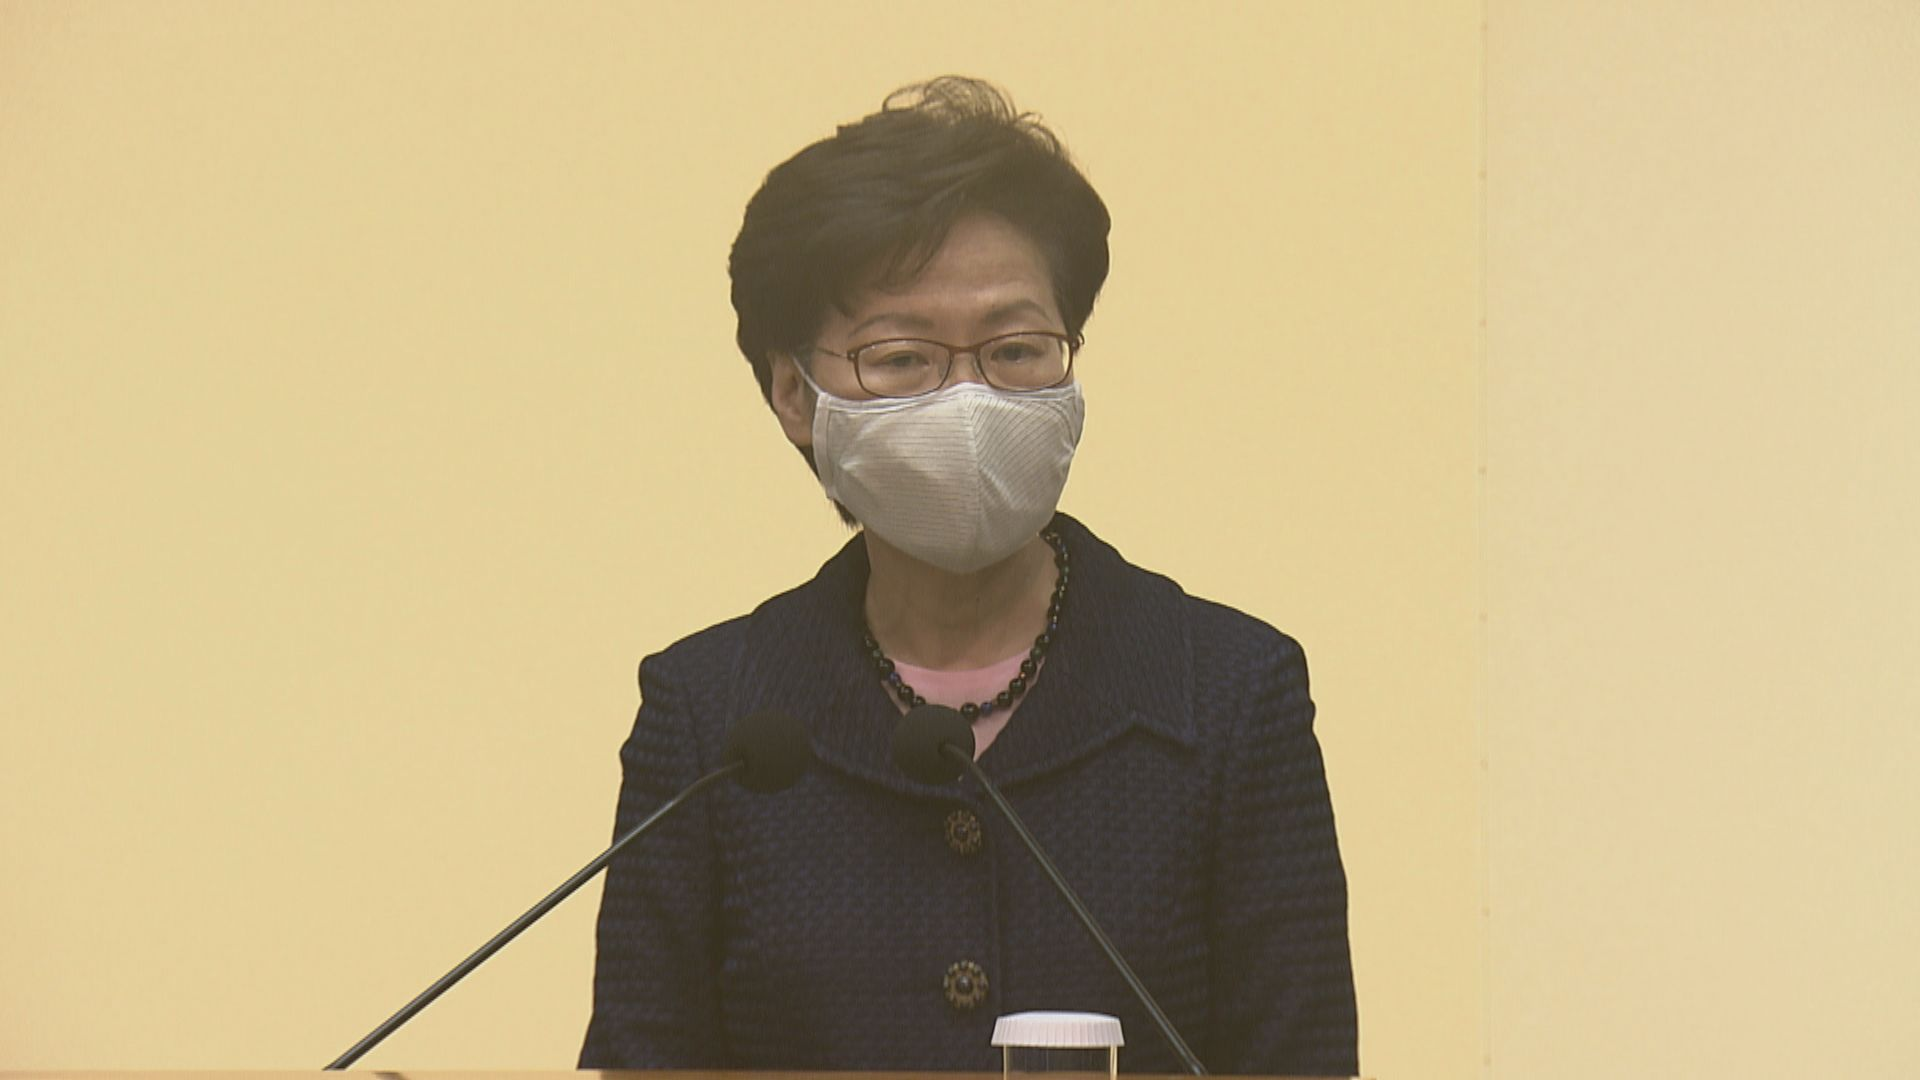 林鄭:查冊安排應平衡私隱 記者不應有特權